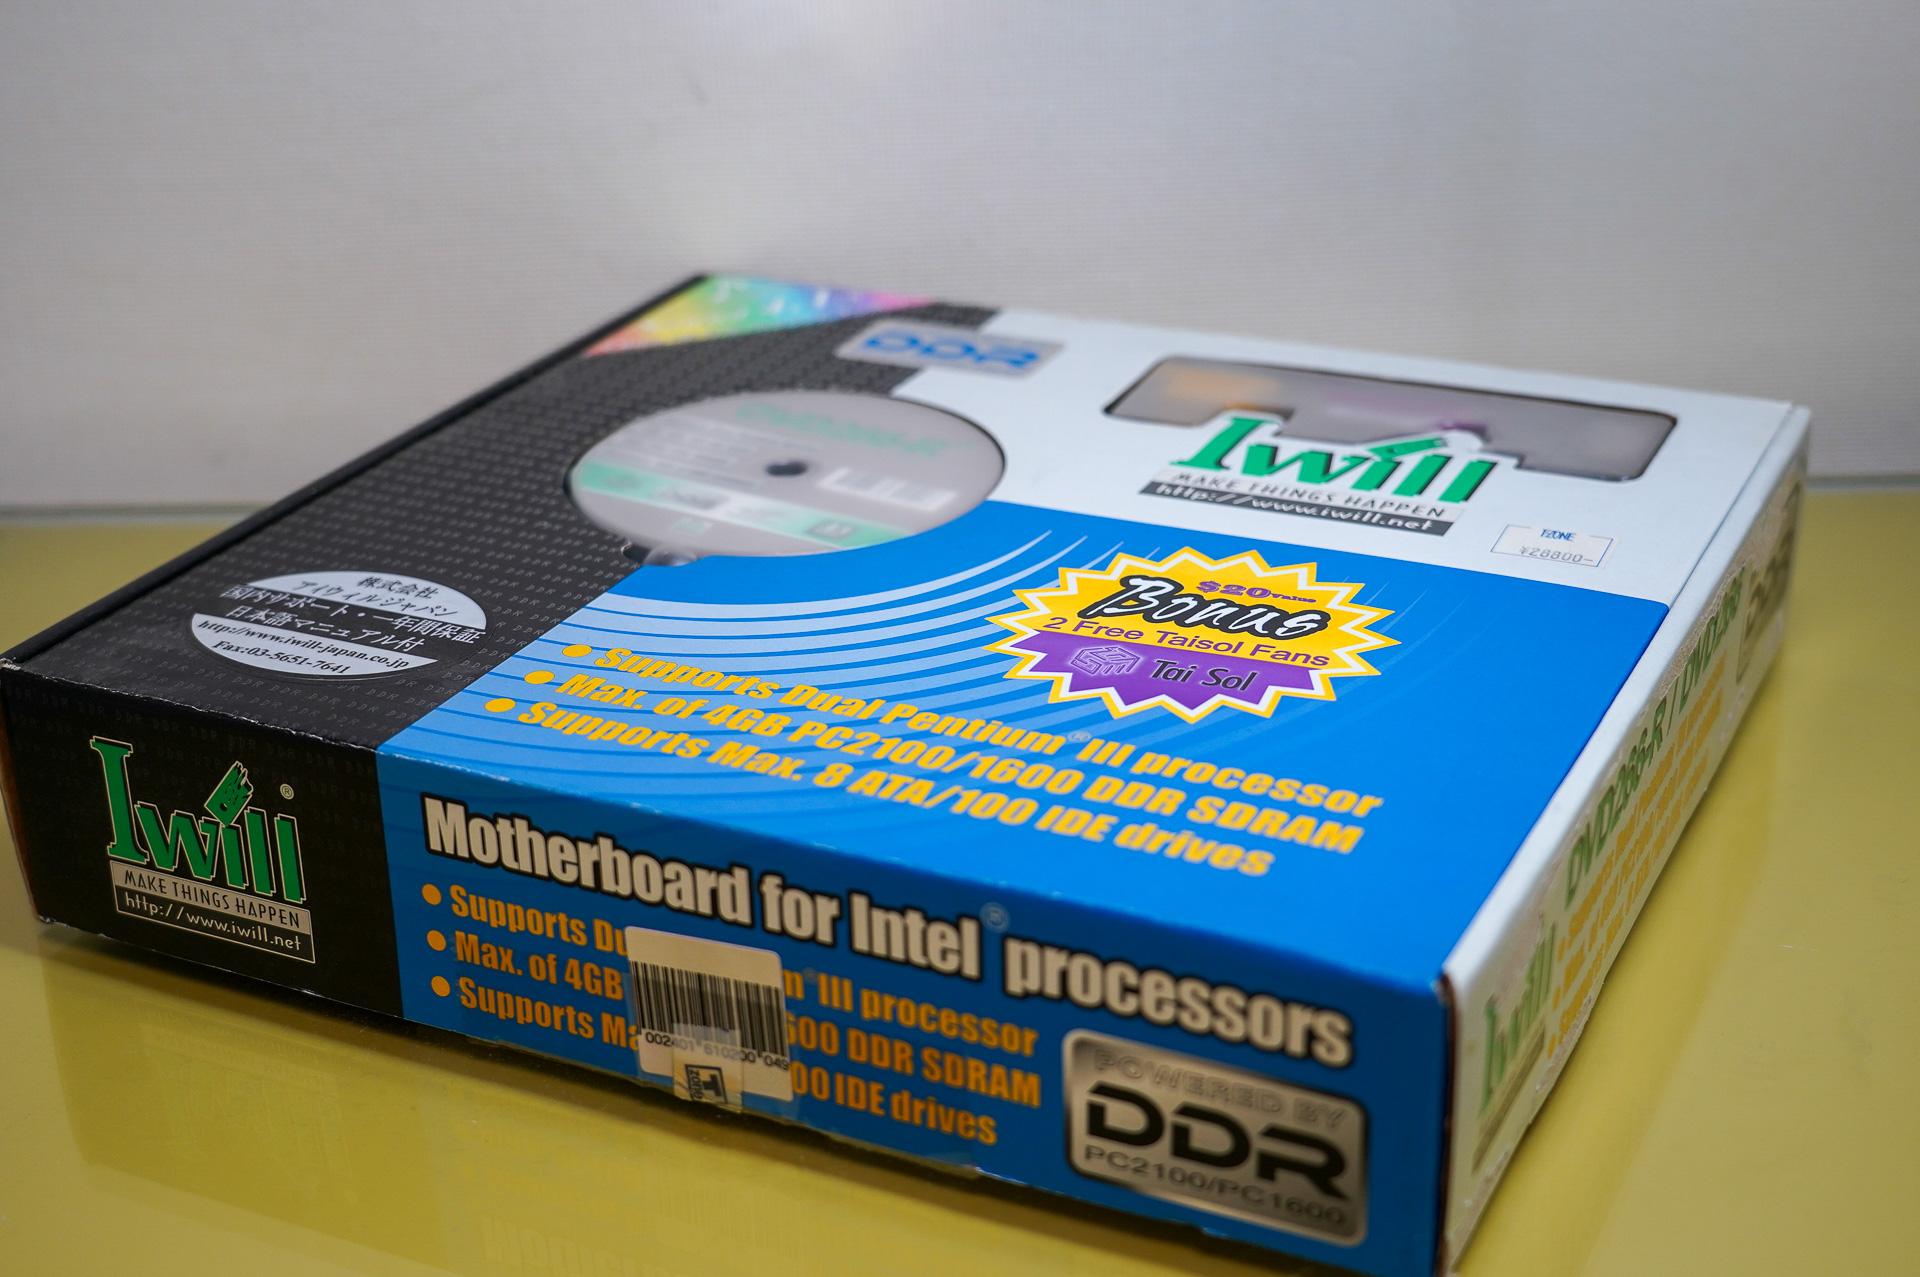 DVD266-Rの外箱、T-ZONEの購入シールが自作PCユーザーには懐かしくて泣ける